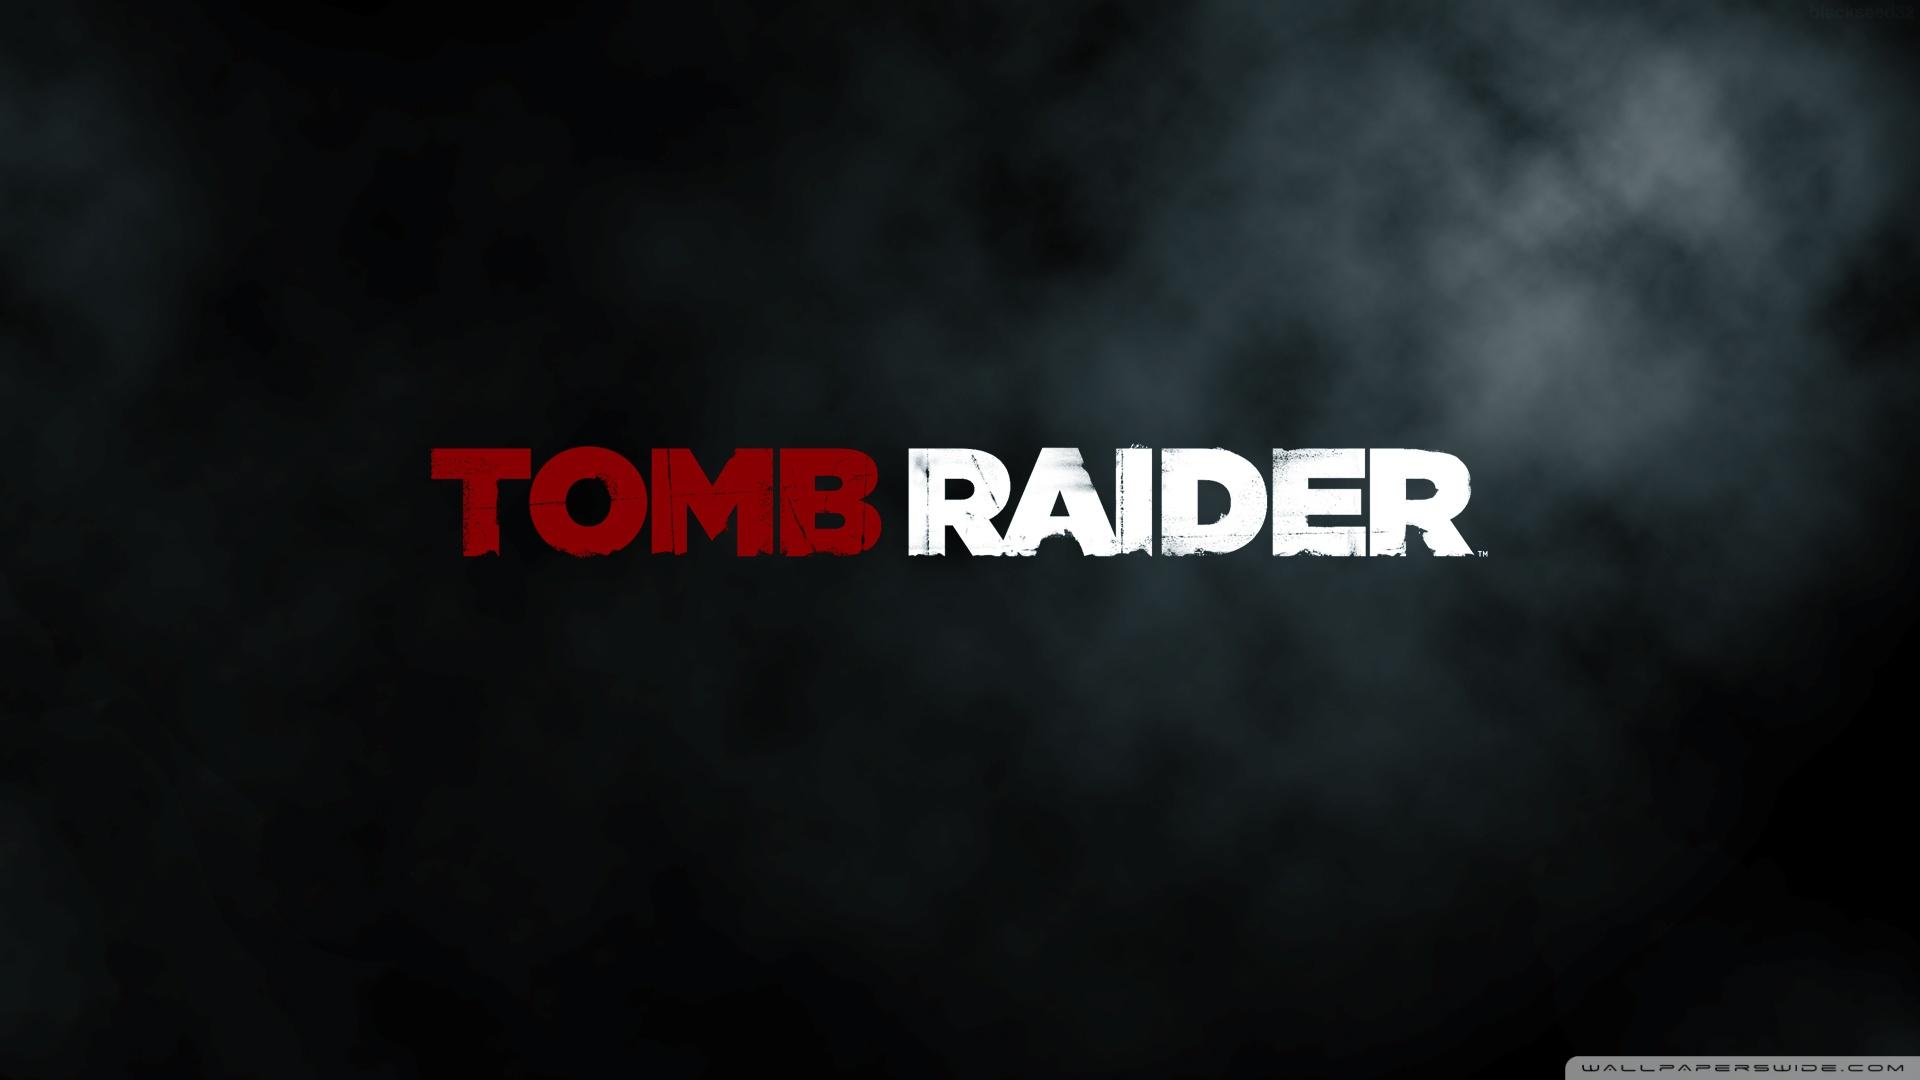 Tomb Raider 2013 Dark Poster